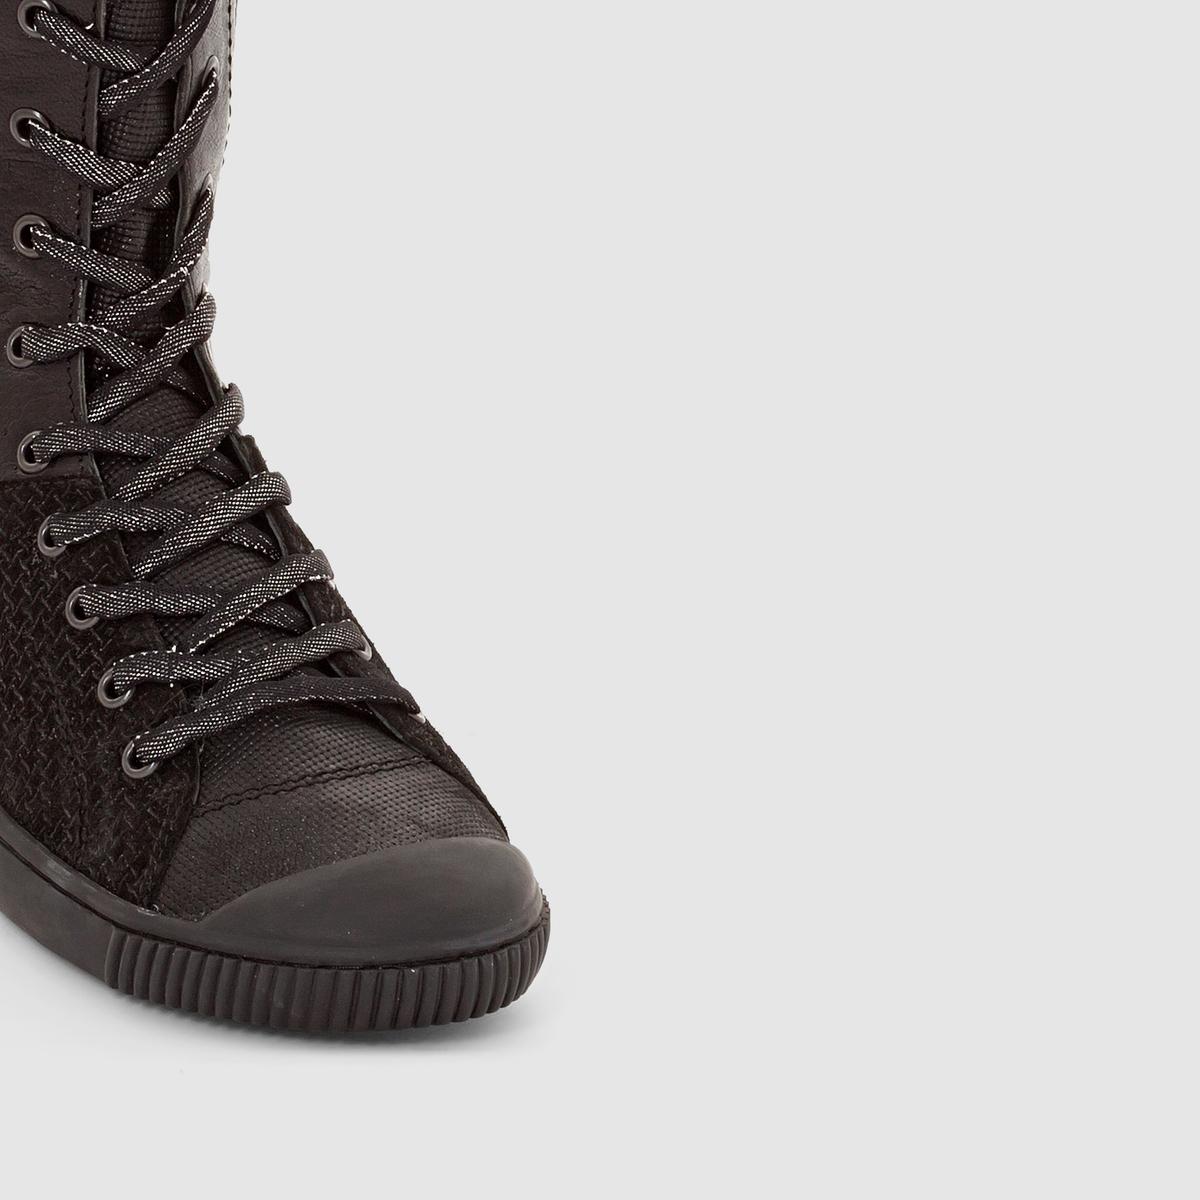 Сапоги из кожи BAMBA F4BВерх/Голенище : Кожа           Подкладка : Кожа     Стелька : Кожа     Подошва : каучук.     Высота голенища  : 29 см.     Форма каблука : Плоский каблук     Носок : Закругленный.     Застежка : шнуровка.<br><br>Цвет: черный<br>Размер: 38